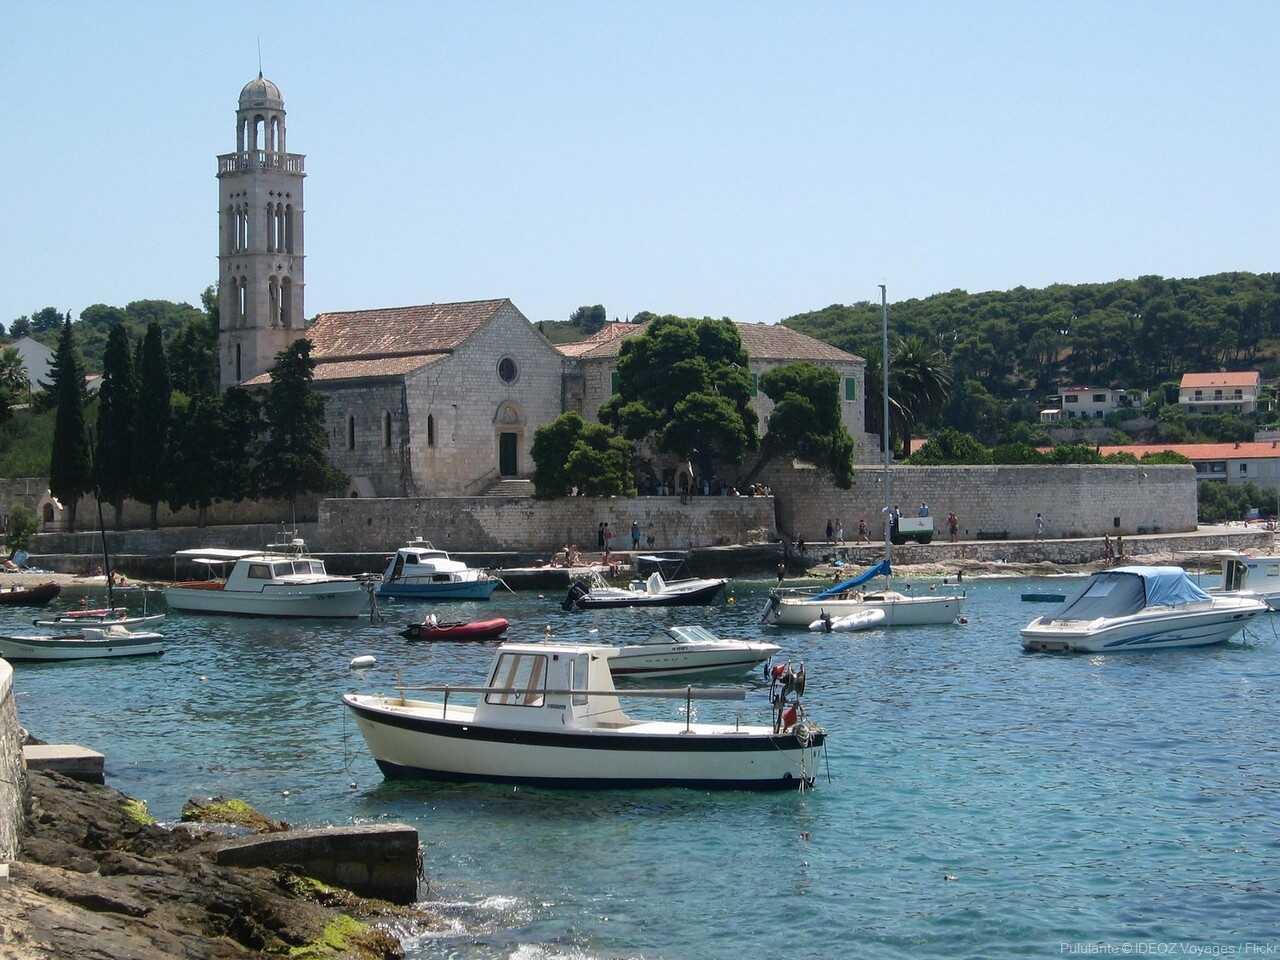 église et barques dans le port de hvar